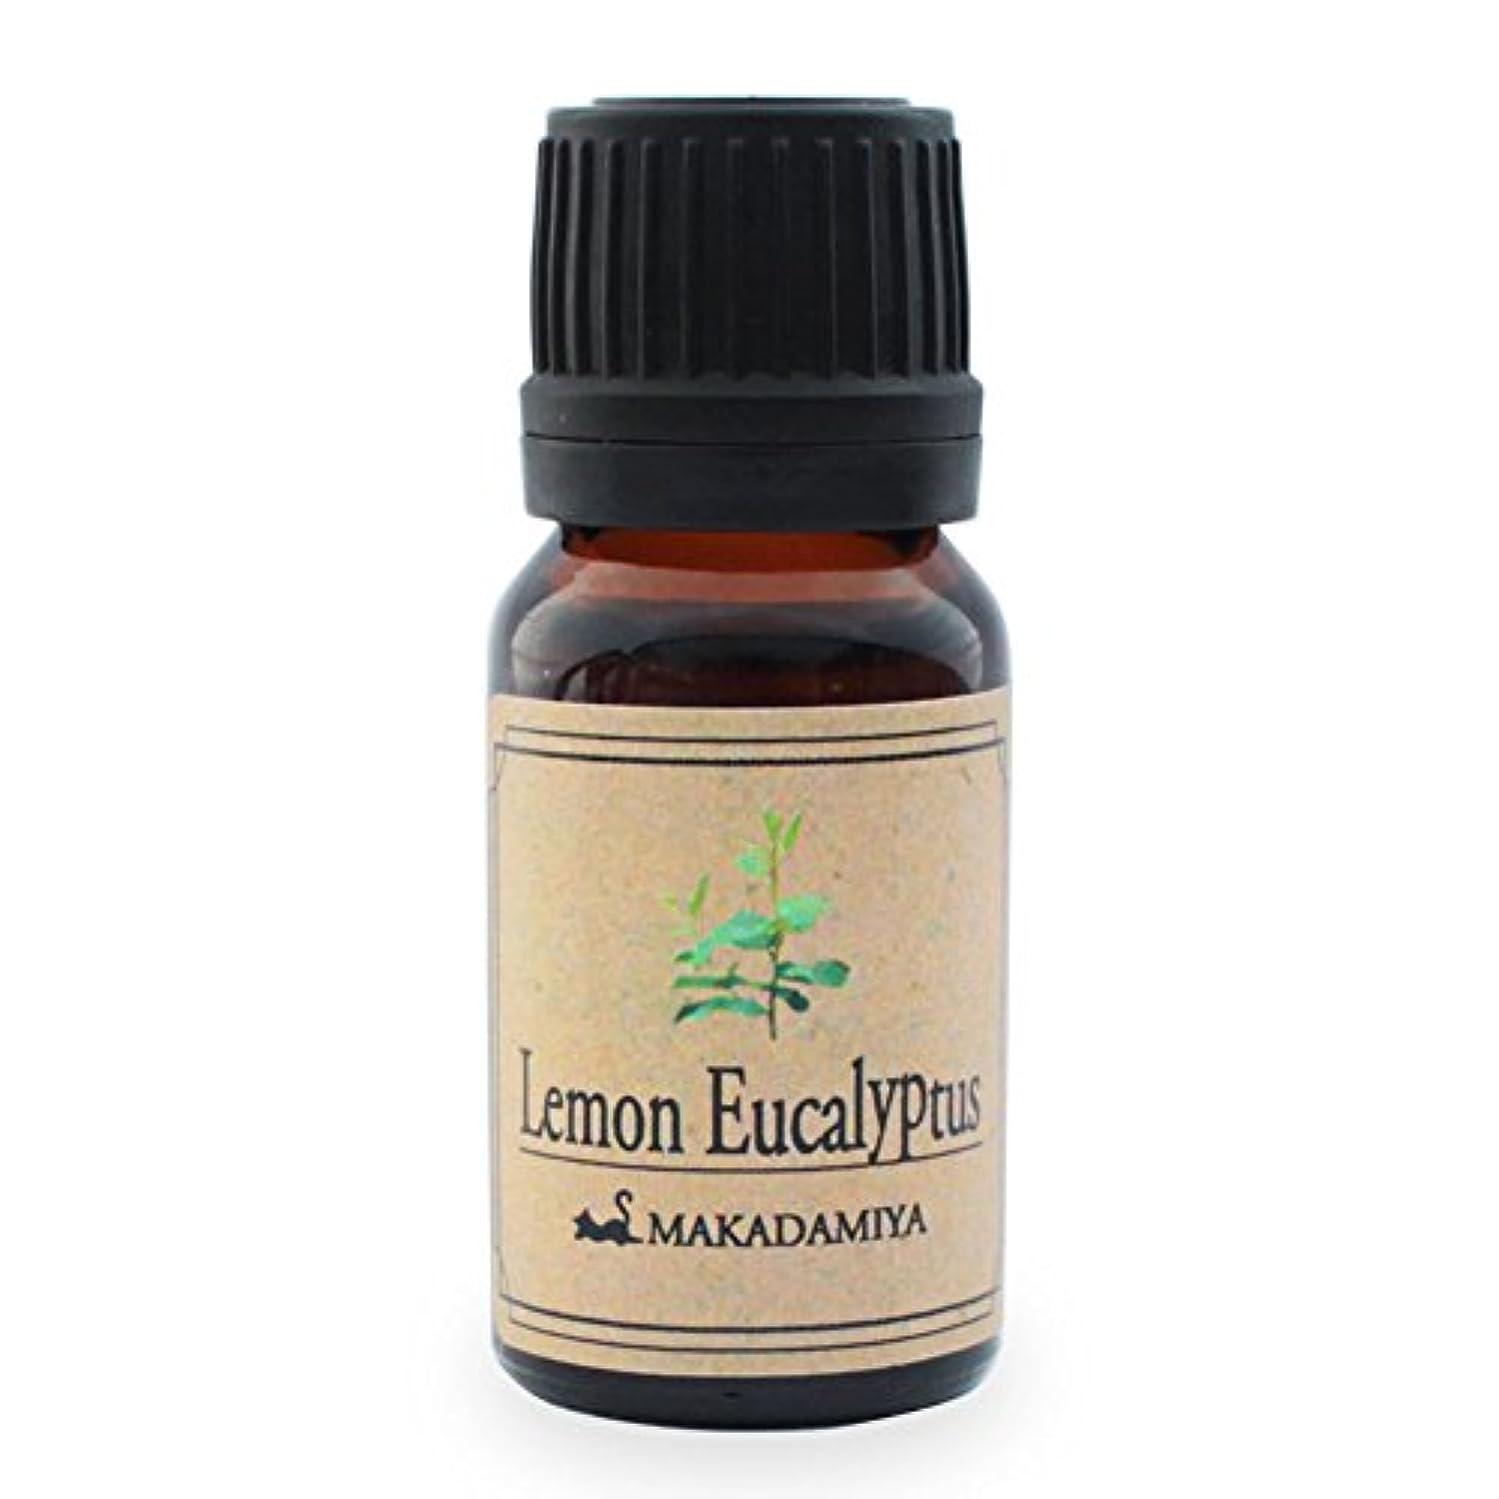 トン私たちのものバーゲンレモンユーカリ10ml 天然100%植物性 エッセンシャルオイル(精油) アロマオイル アロママッサージ aroma Eucalyptus Citriodora